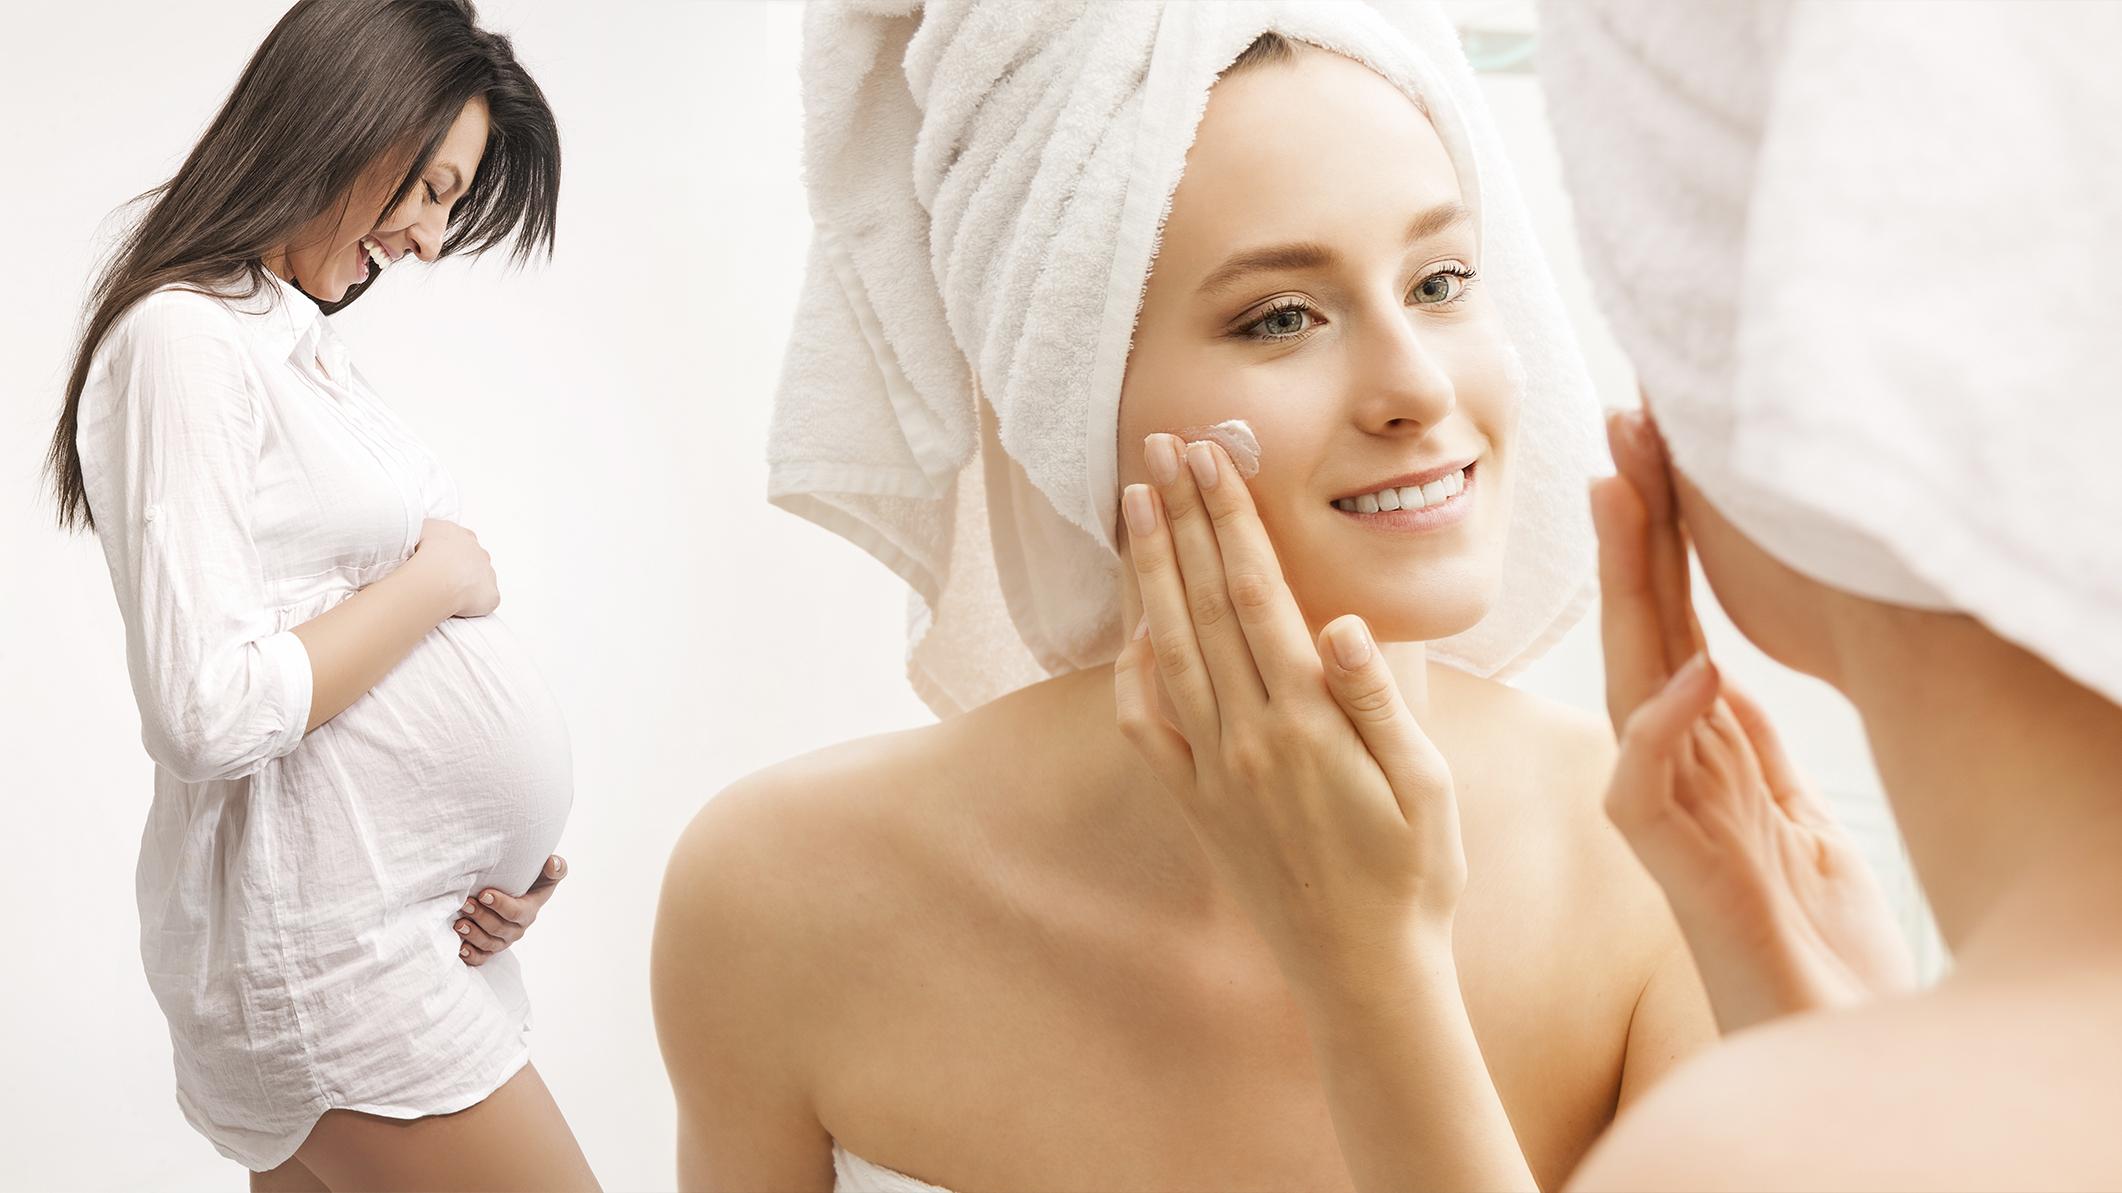 Ежедневный уход за кожей лица во время беременности